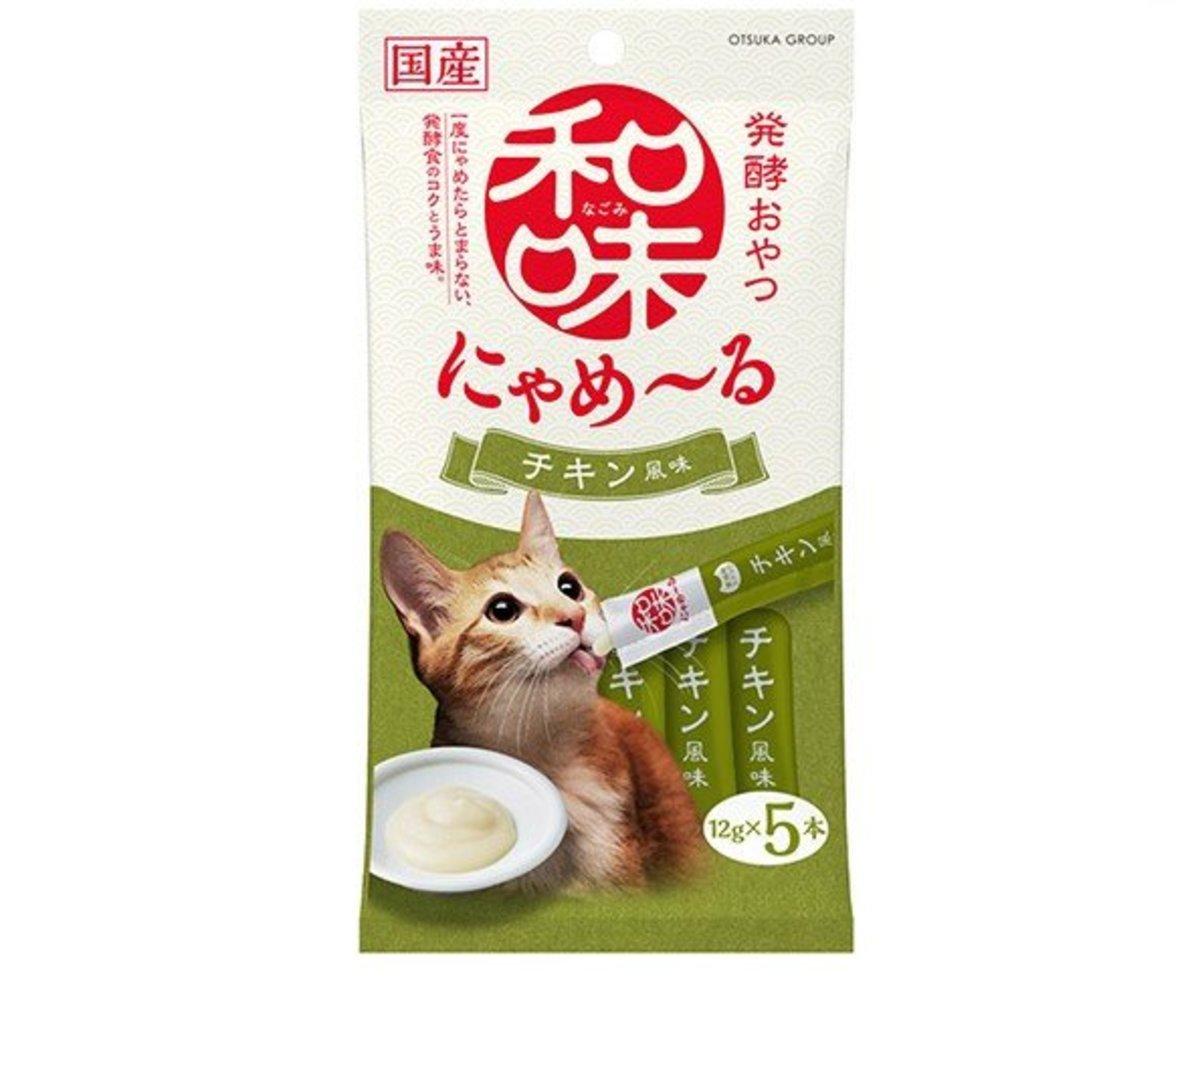 Taste Chicken Sauce Cat Snack 12gx5